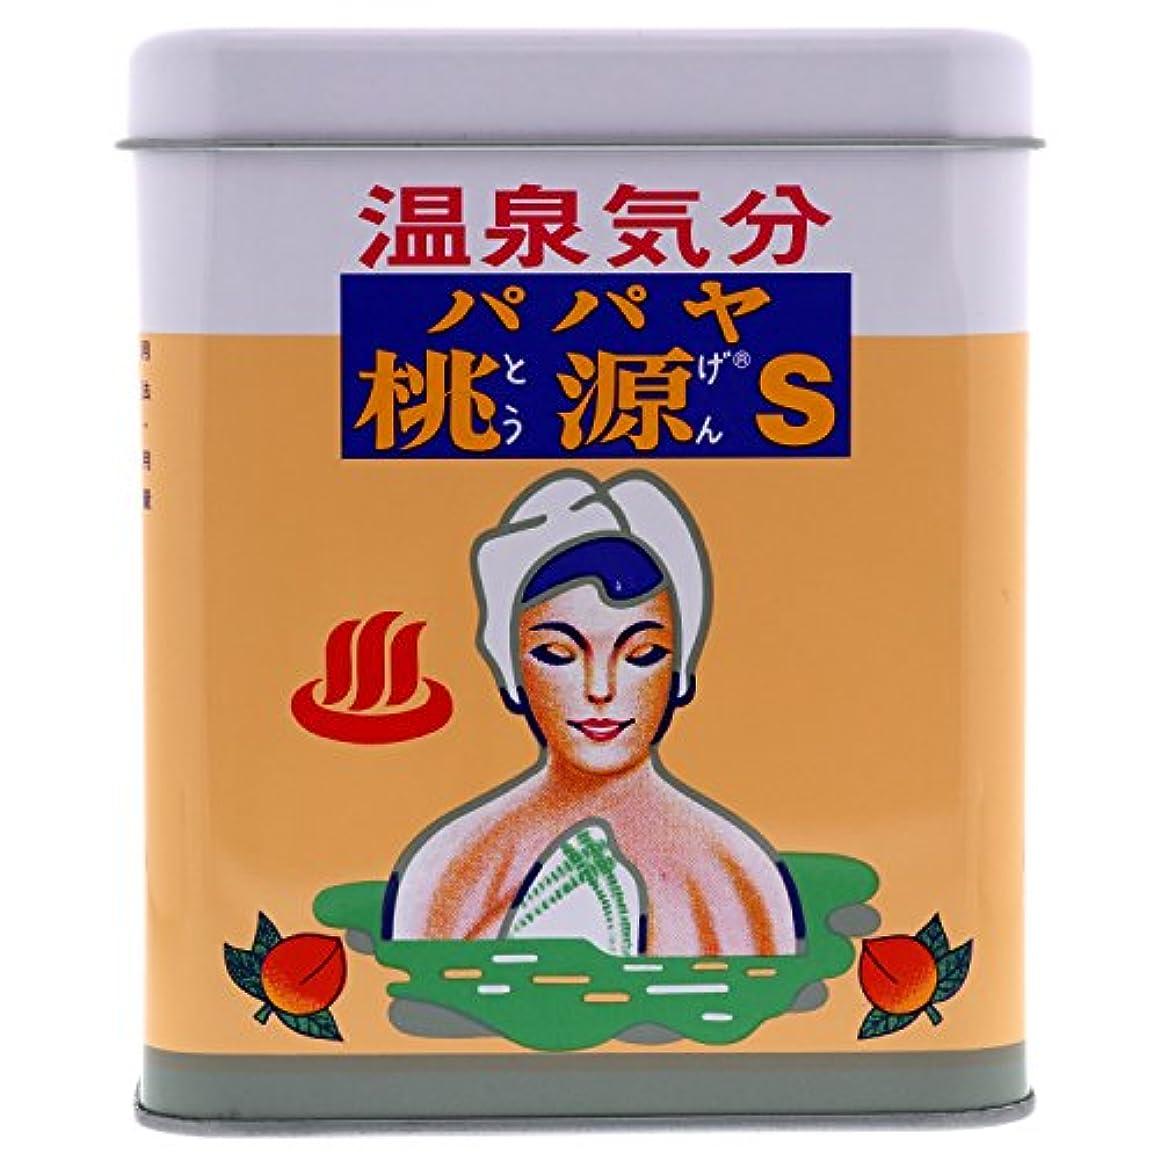 メジャー印象的保険をかけるパパヤ桃源S 700g 缶 [医薬部外品]